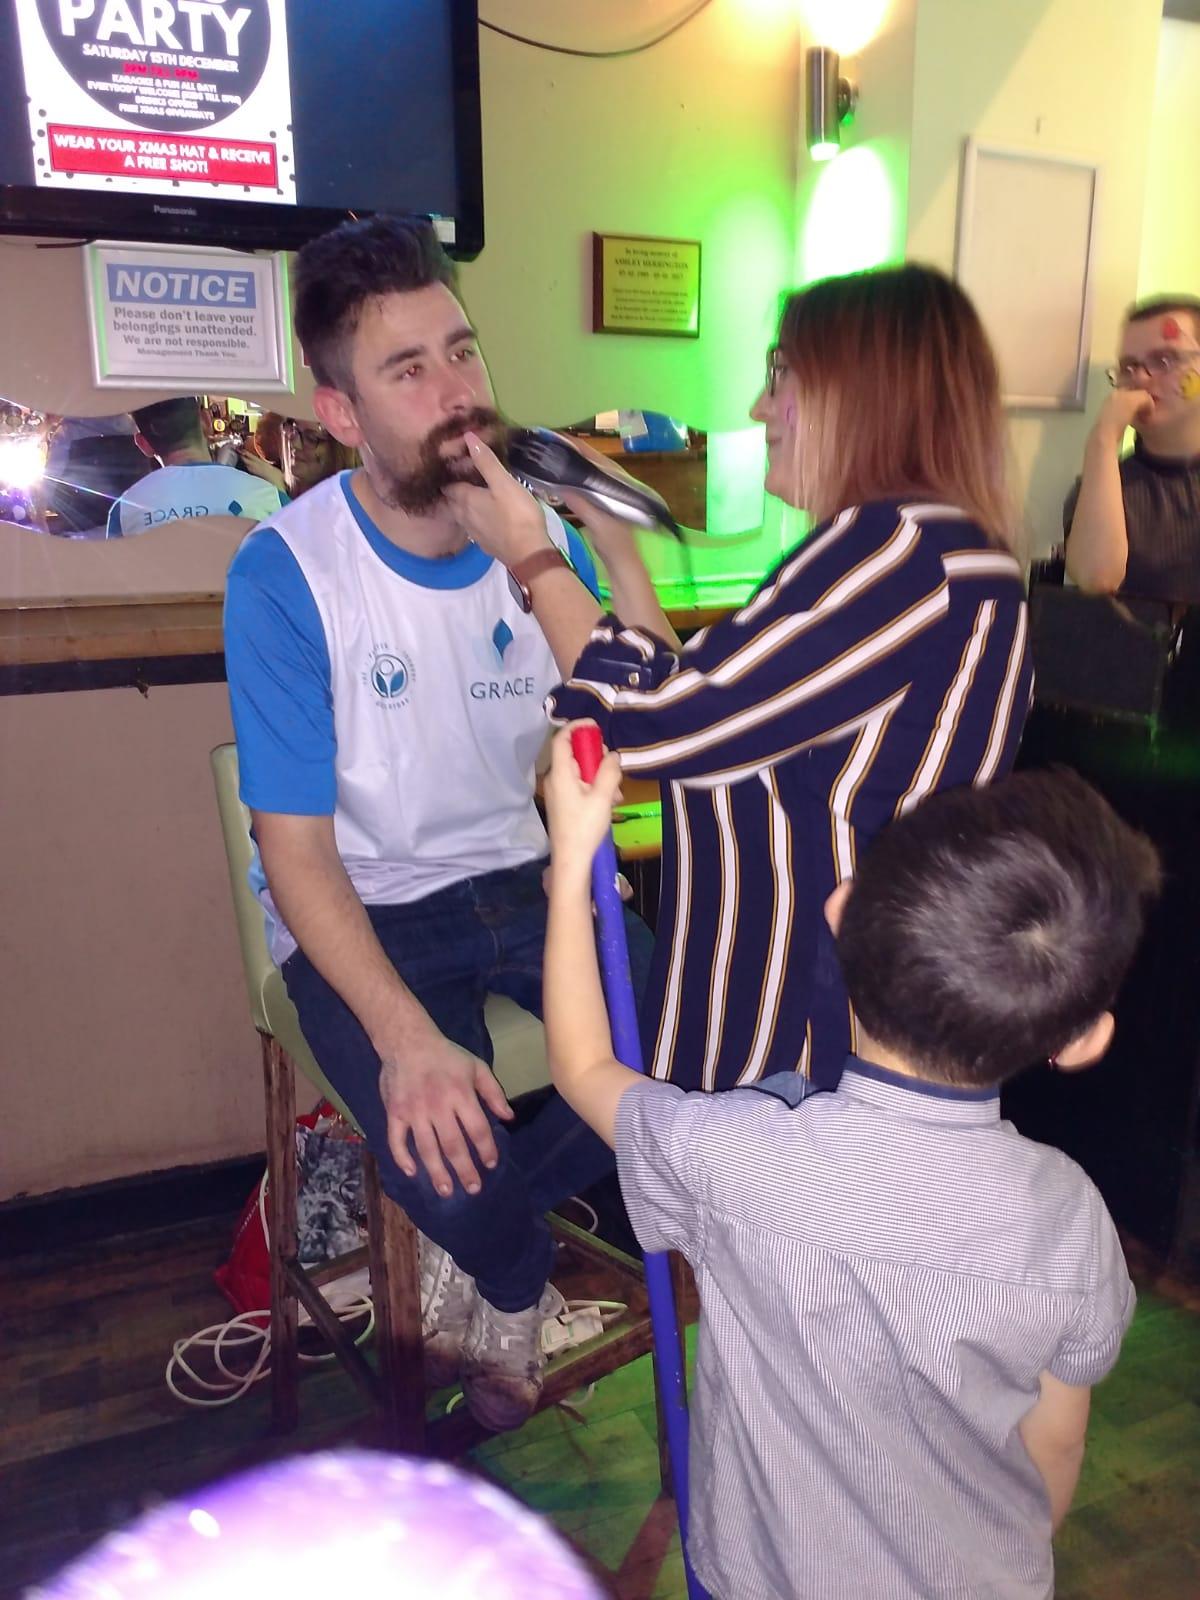 Beard Shaving in action